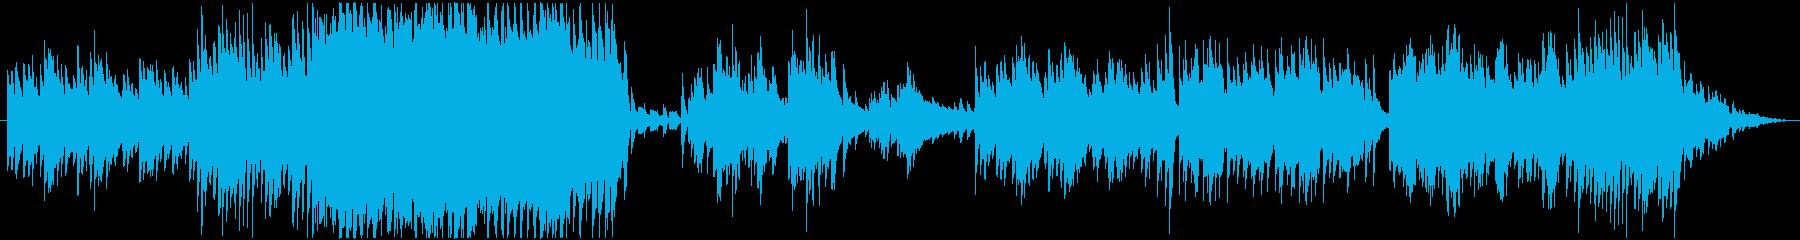 神秘な雰囲気のBGMの再生済みの波形